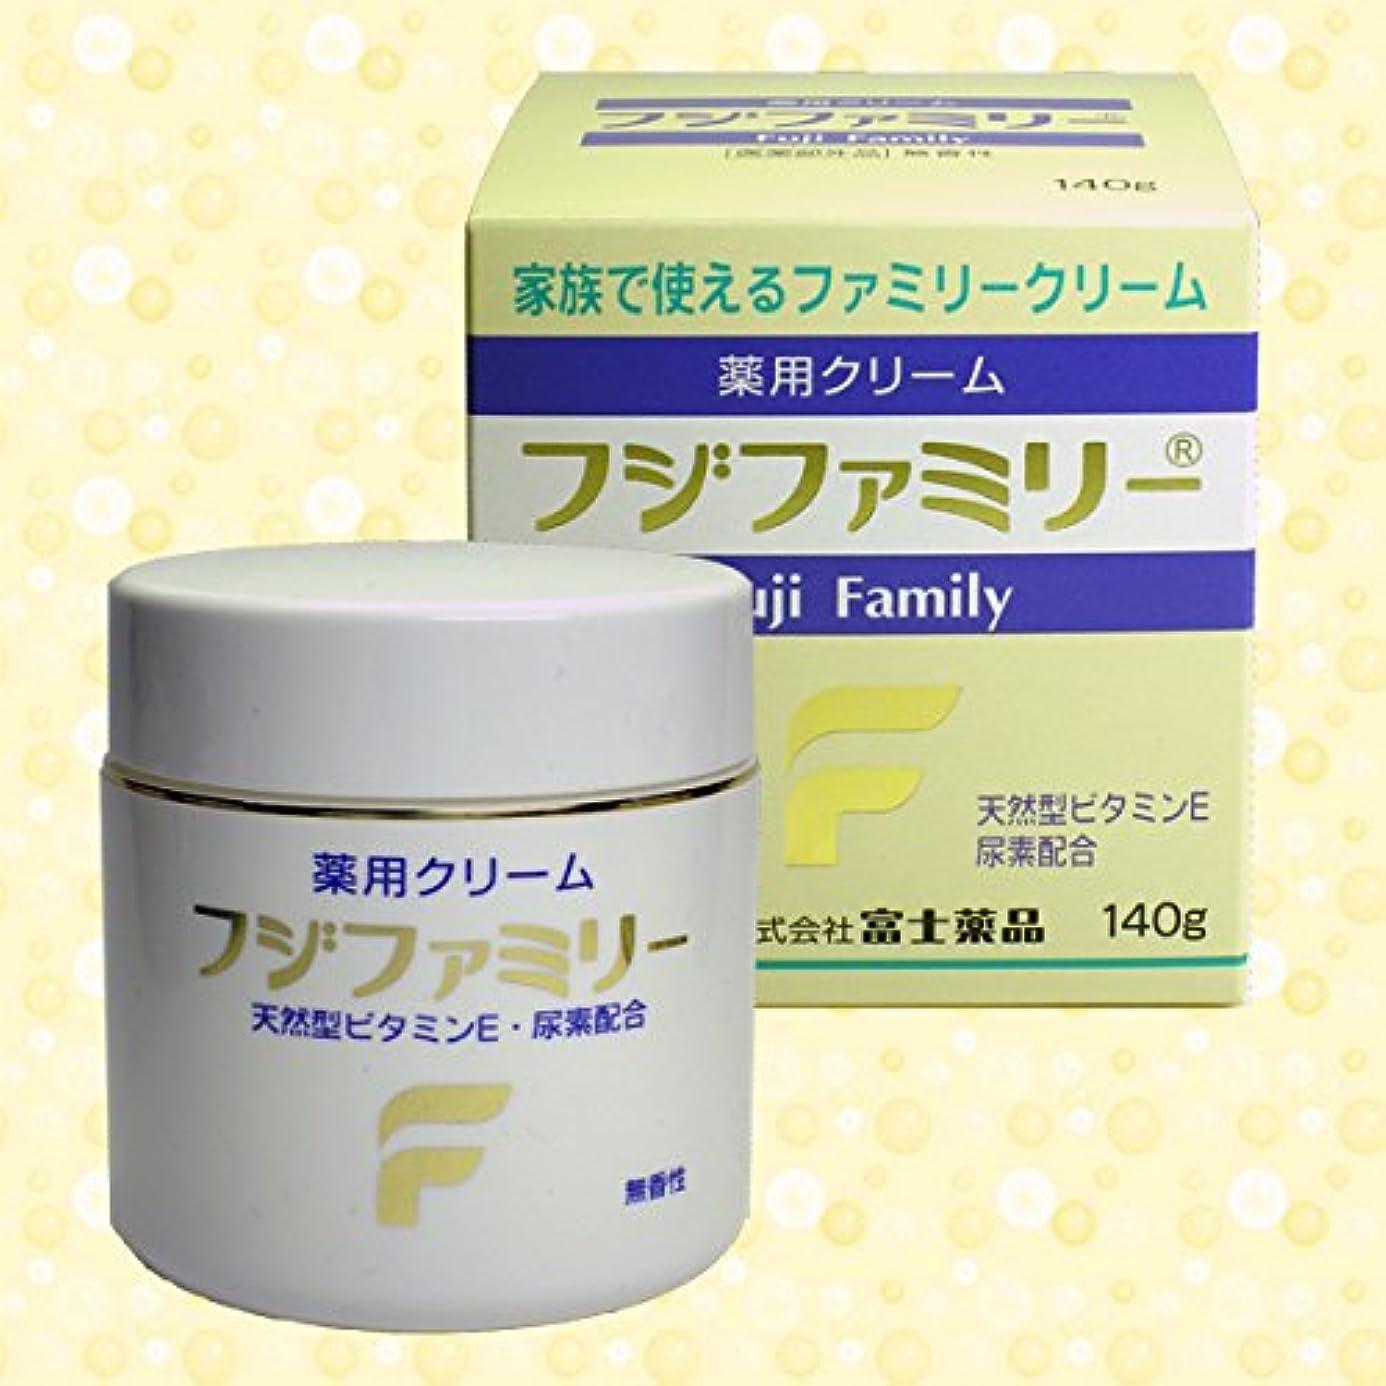 北冗長美しい富士薬品 増量 薬用クリームフジファミリー140g 医薬部外品